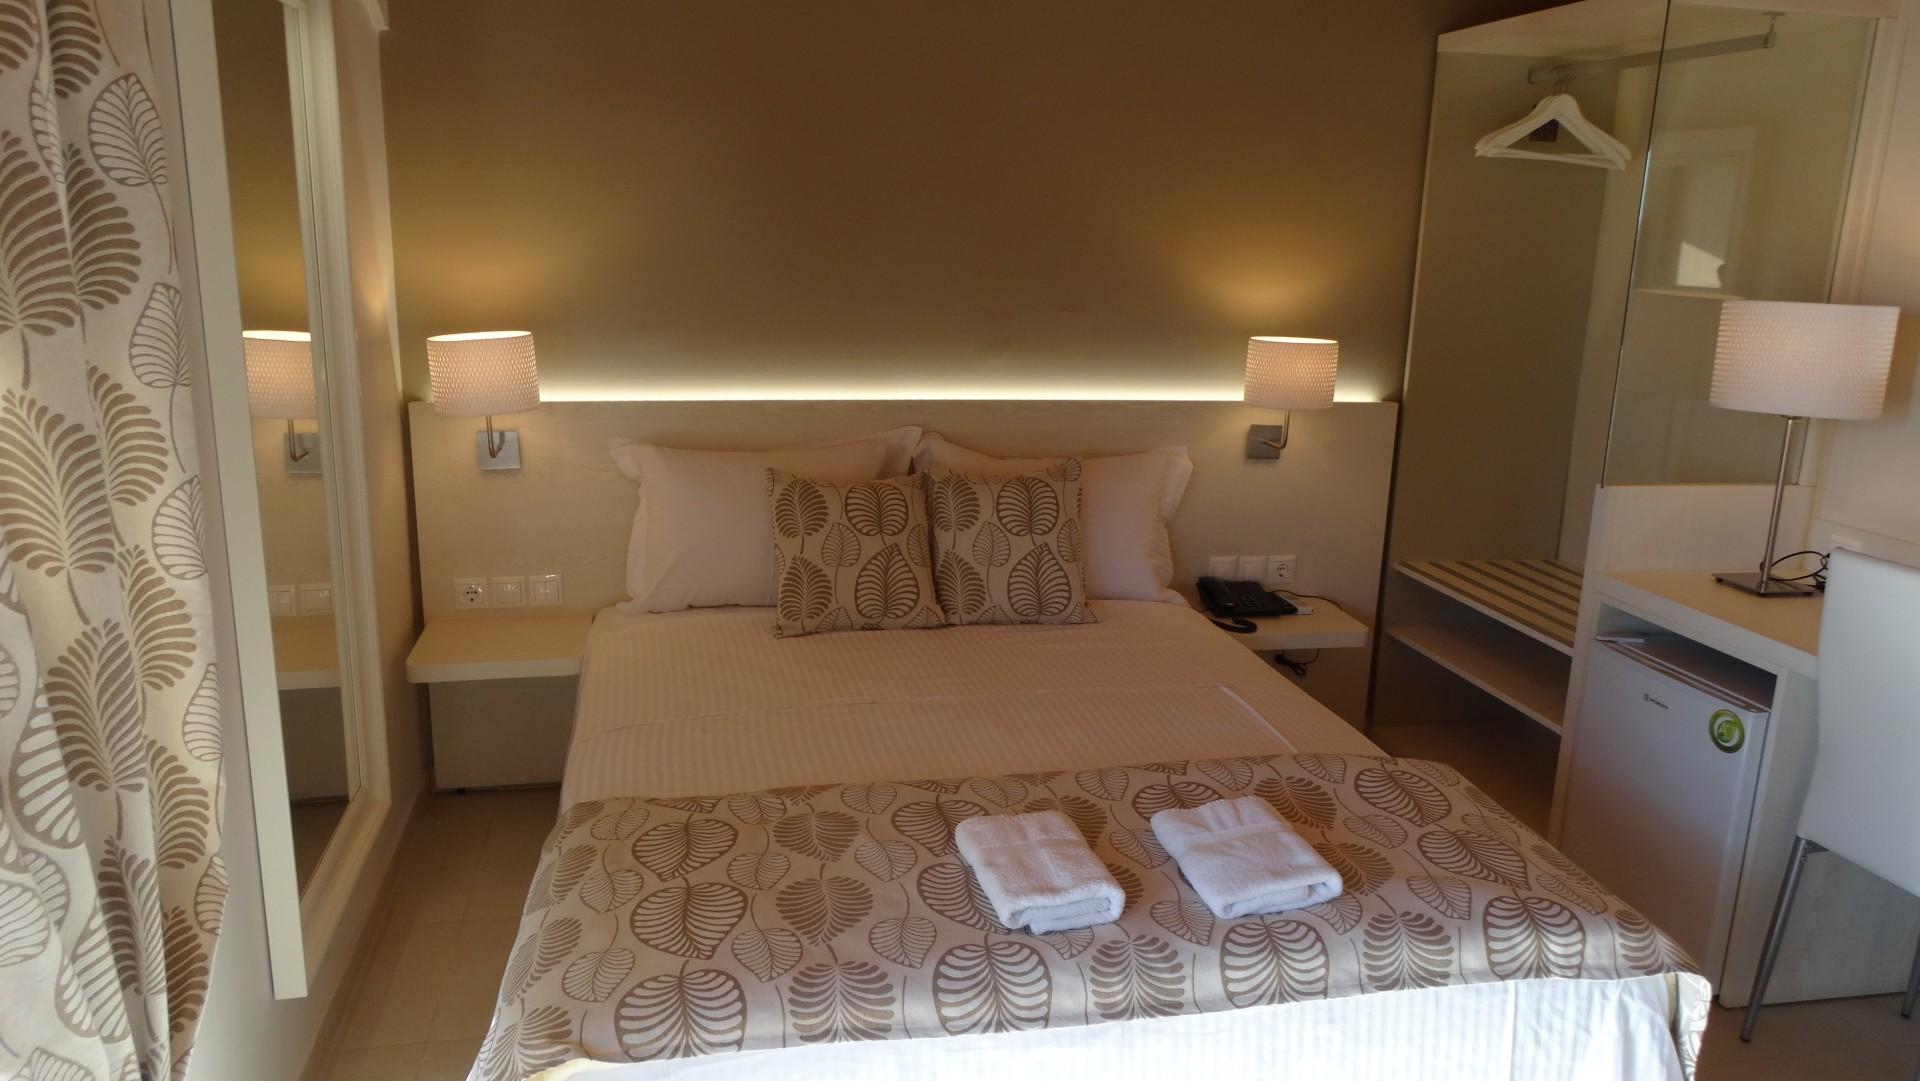 Ξενώνας πανσιόν Αθως, Ενοικιαζόμενα δωμάτια, ξενοδοχείο, Άγιο όρος, Ουρανούπολη, Χαλκιδική-0014